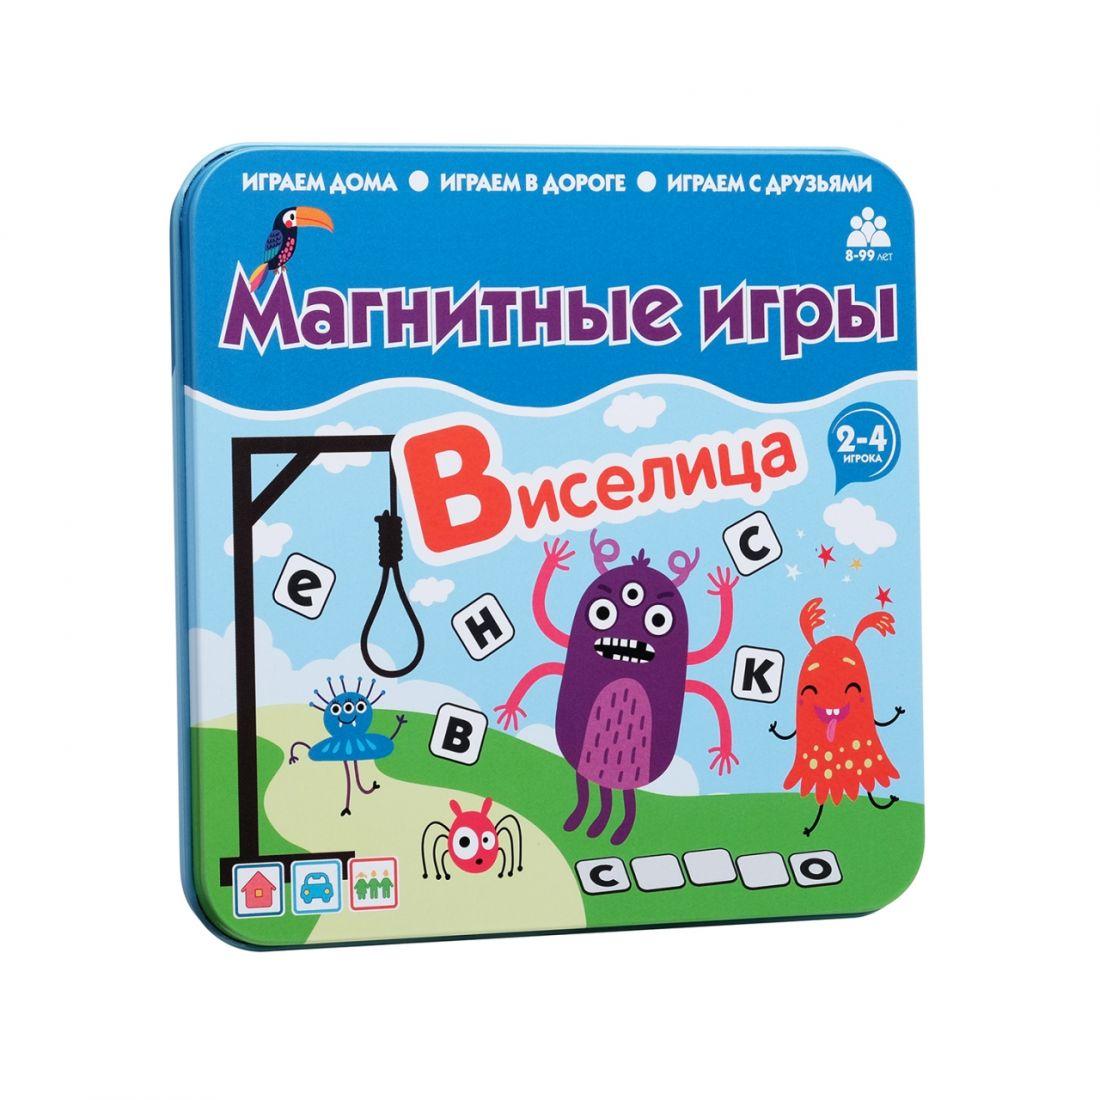 Магнитная игра БУМБАРАМ IM-1012 Виселица